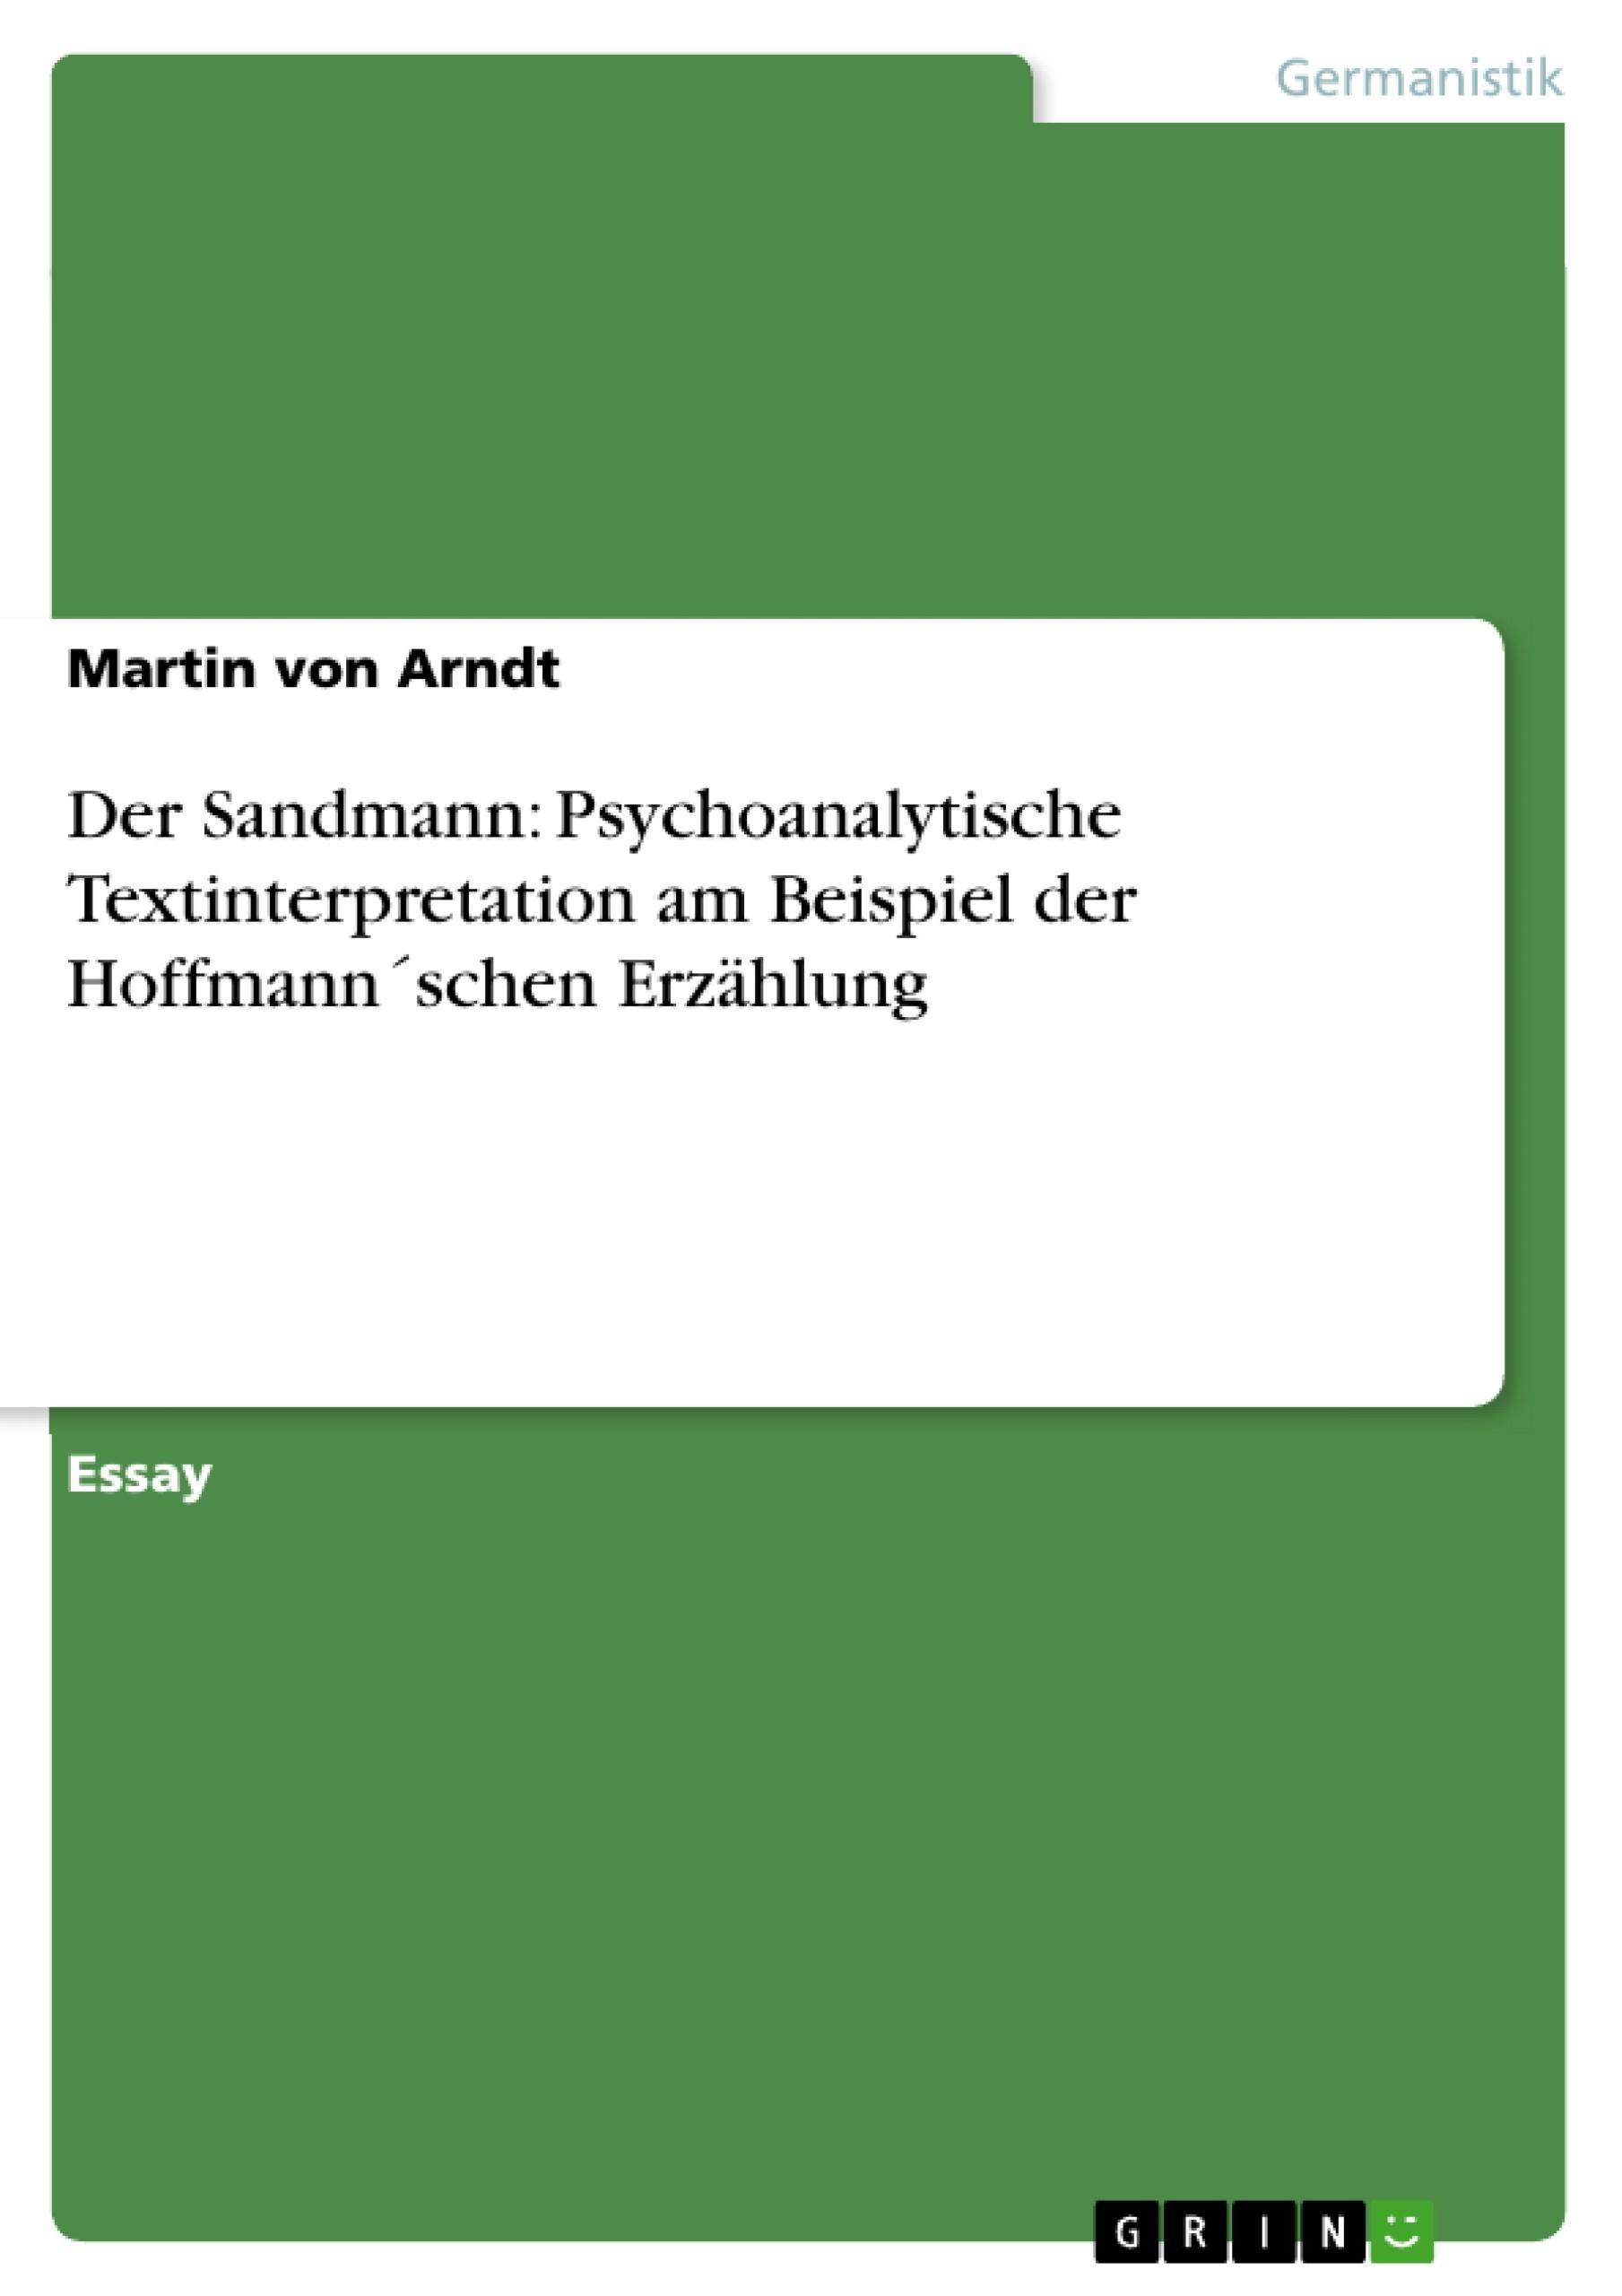 Titel: Der Sandmann: Psychoanalytische Textinterpretation am Beispiel der Hoffmann´schen Erzählung